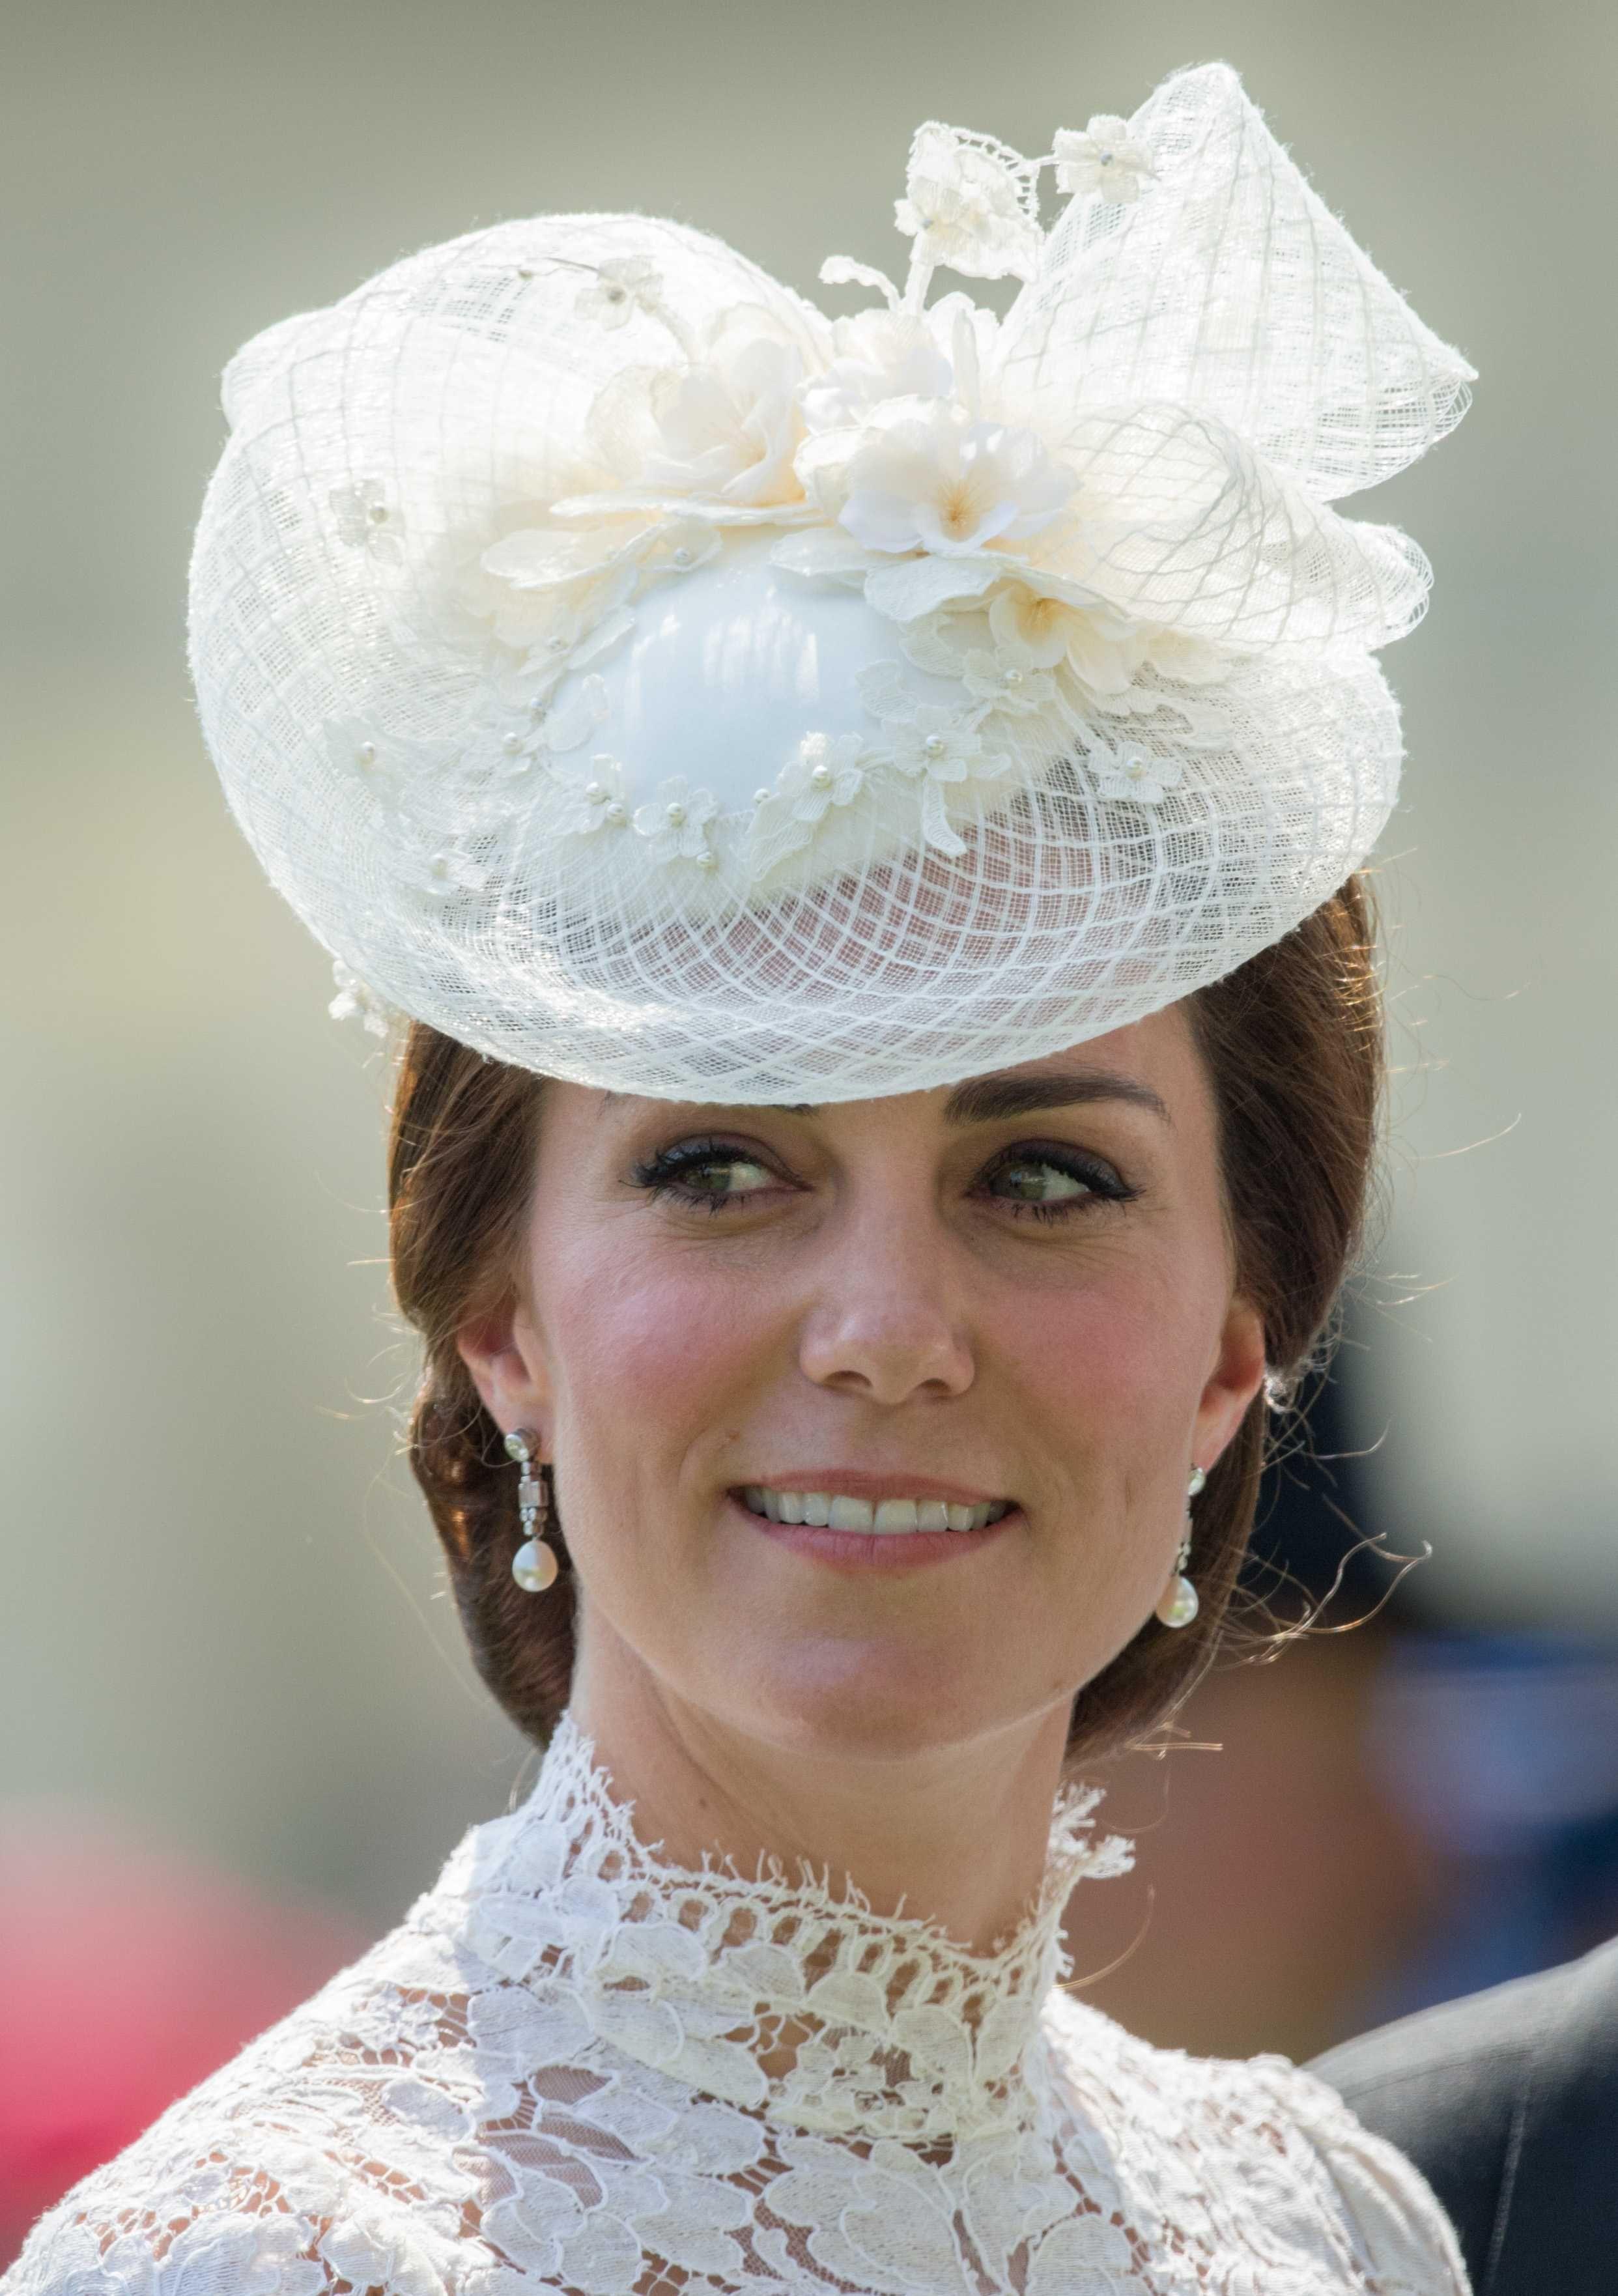 Catherine at Royal Ascot 2017 Fascinator Hats eb370977050